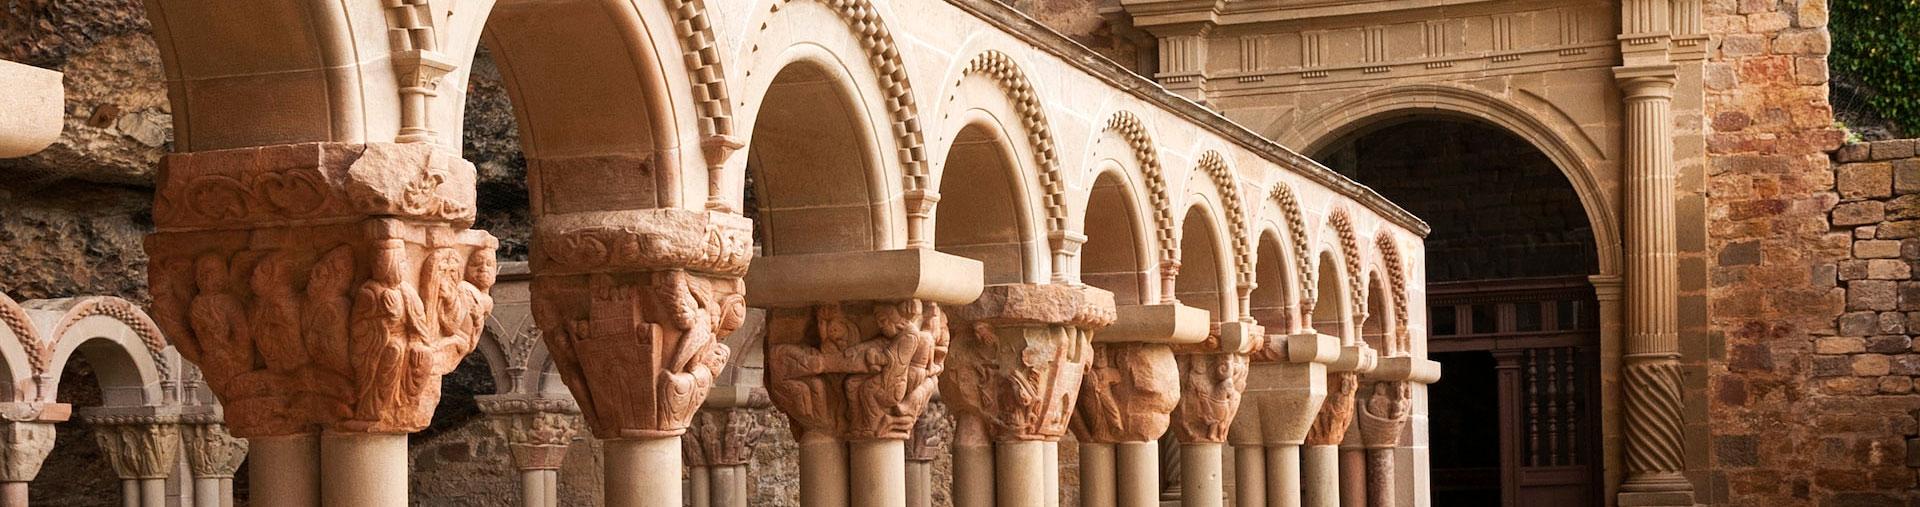 monasterio-san-juan-de-la-pena-viajes-por-espana-ikertanoa-img